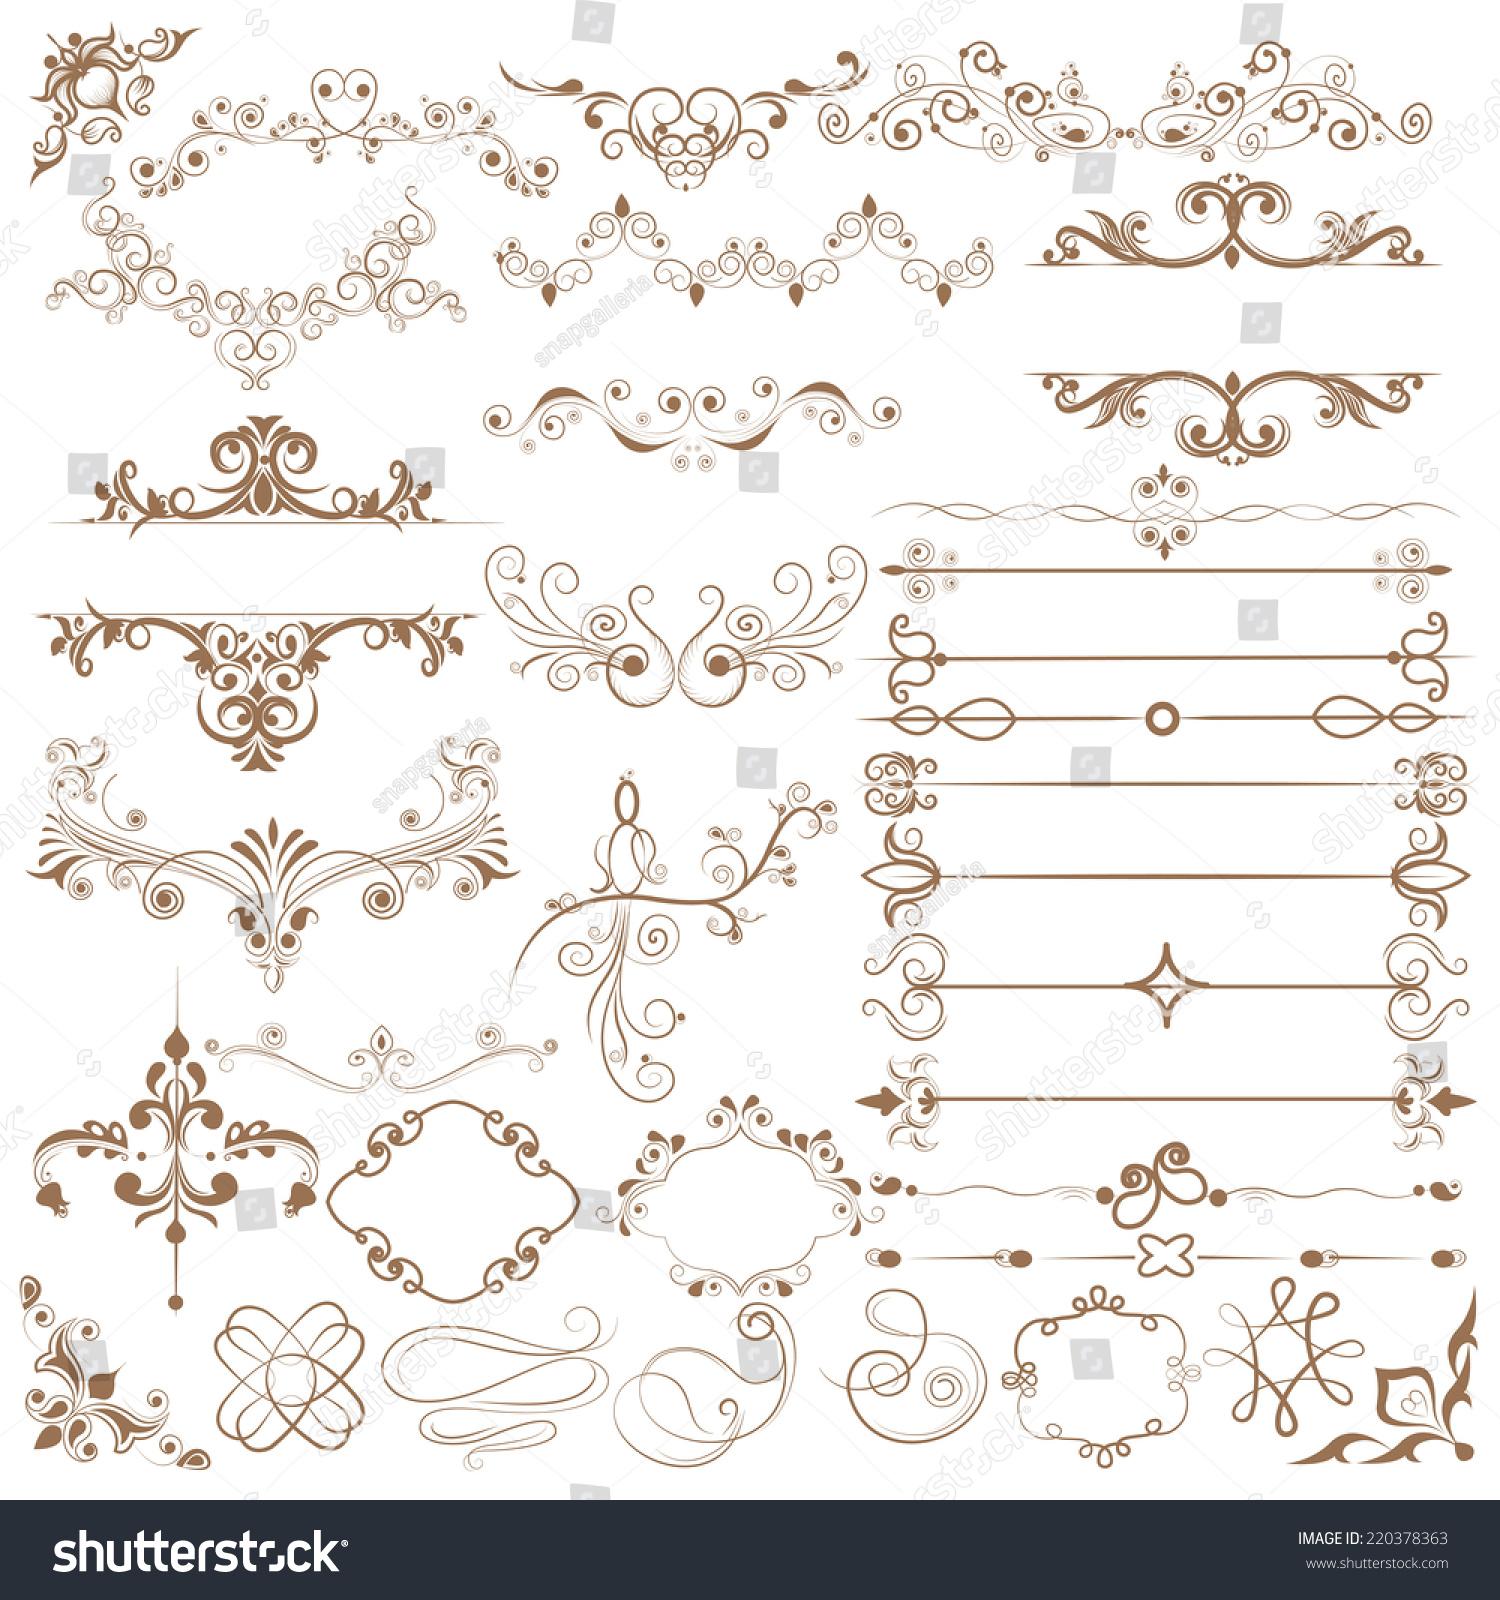 容易编辑花卉书法设计的矢量图-自然